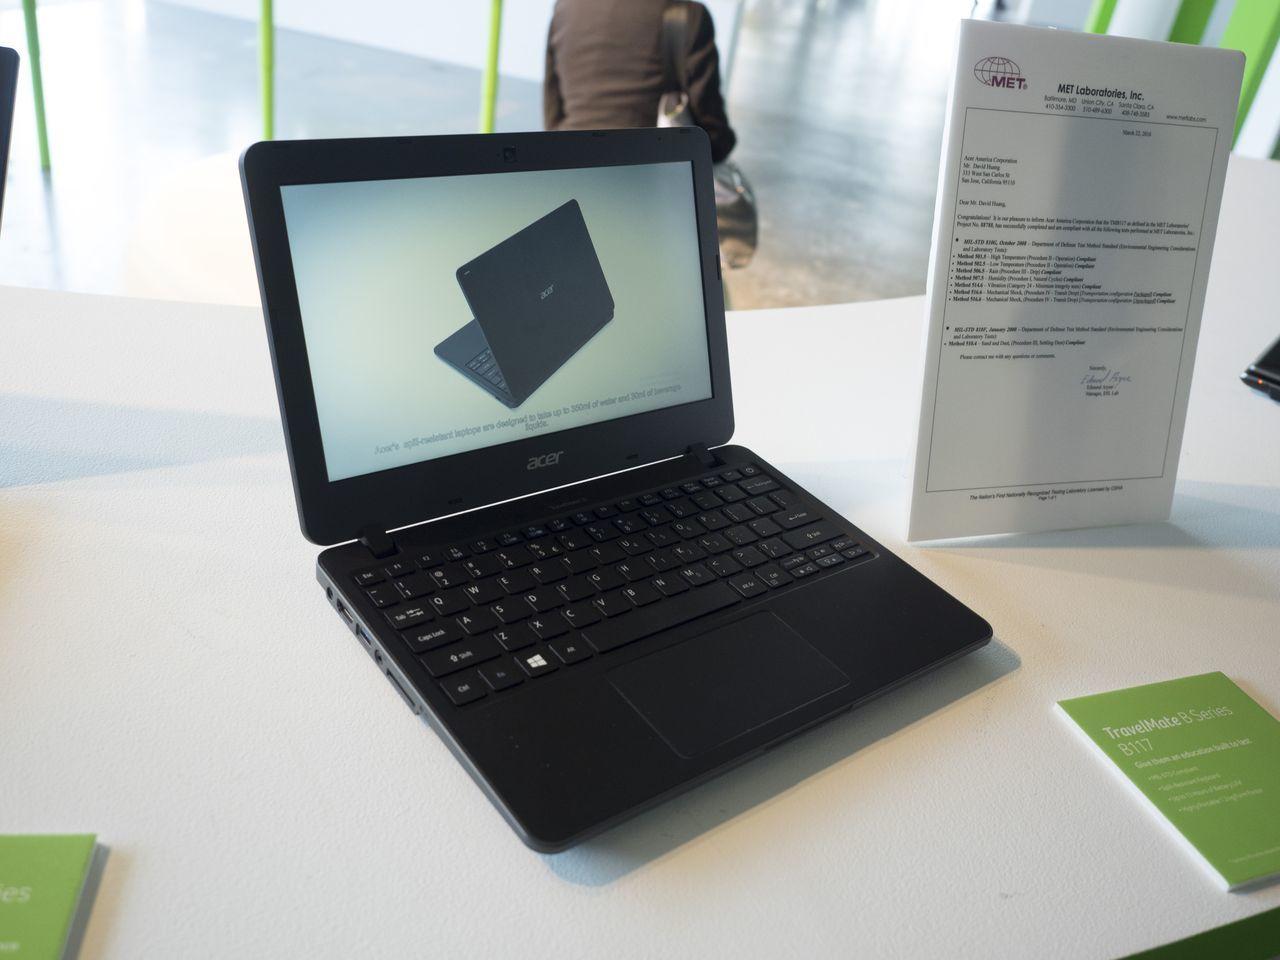 Next@Acer: Самый мощный игровой ноутбук с воздушным охлаждением, велокомпьютер, Chromebook для работы и другие новинки - 40